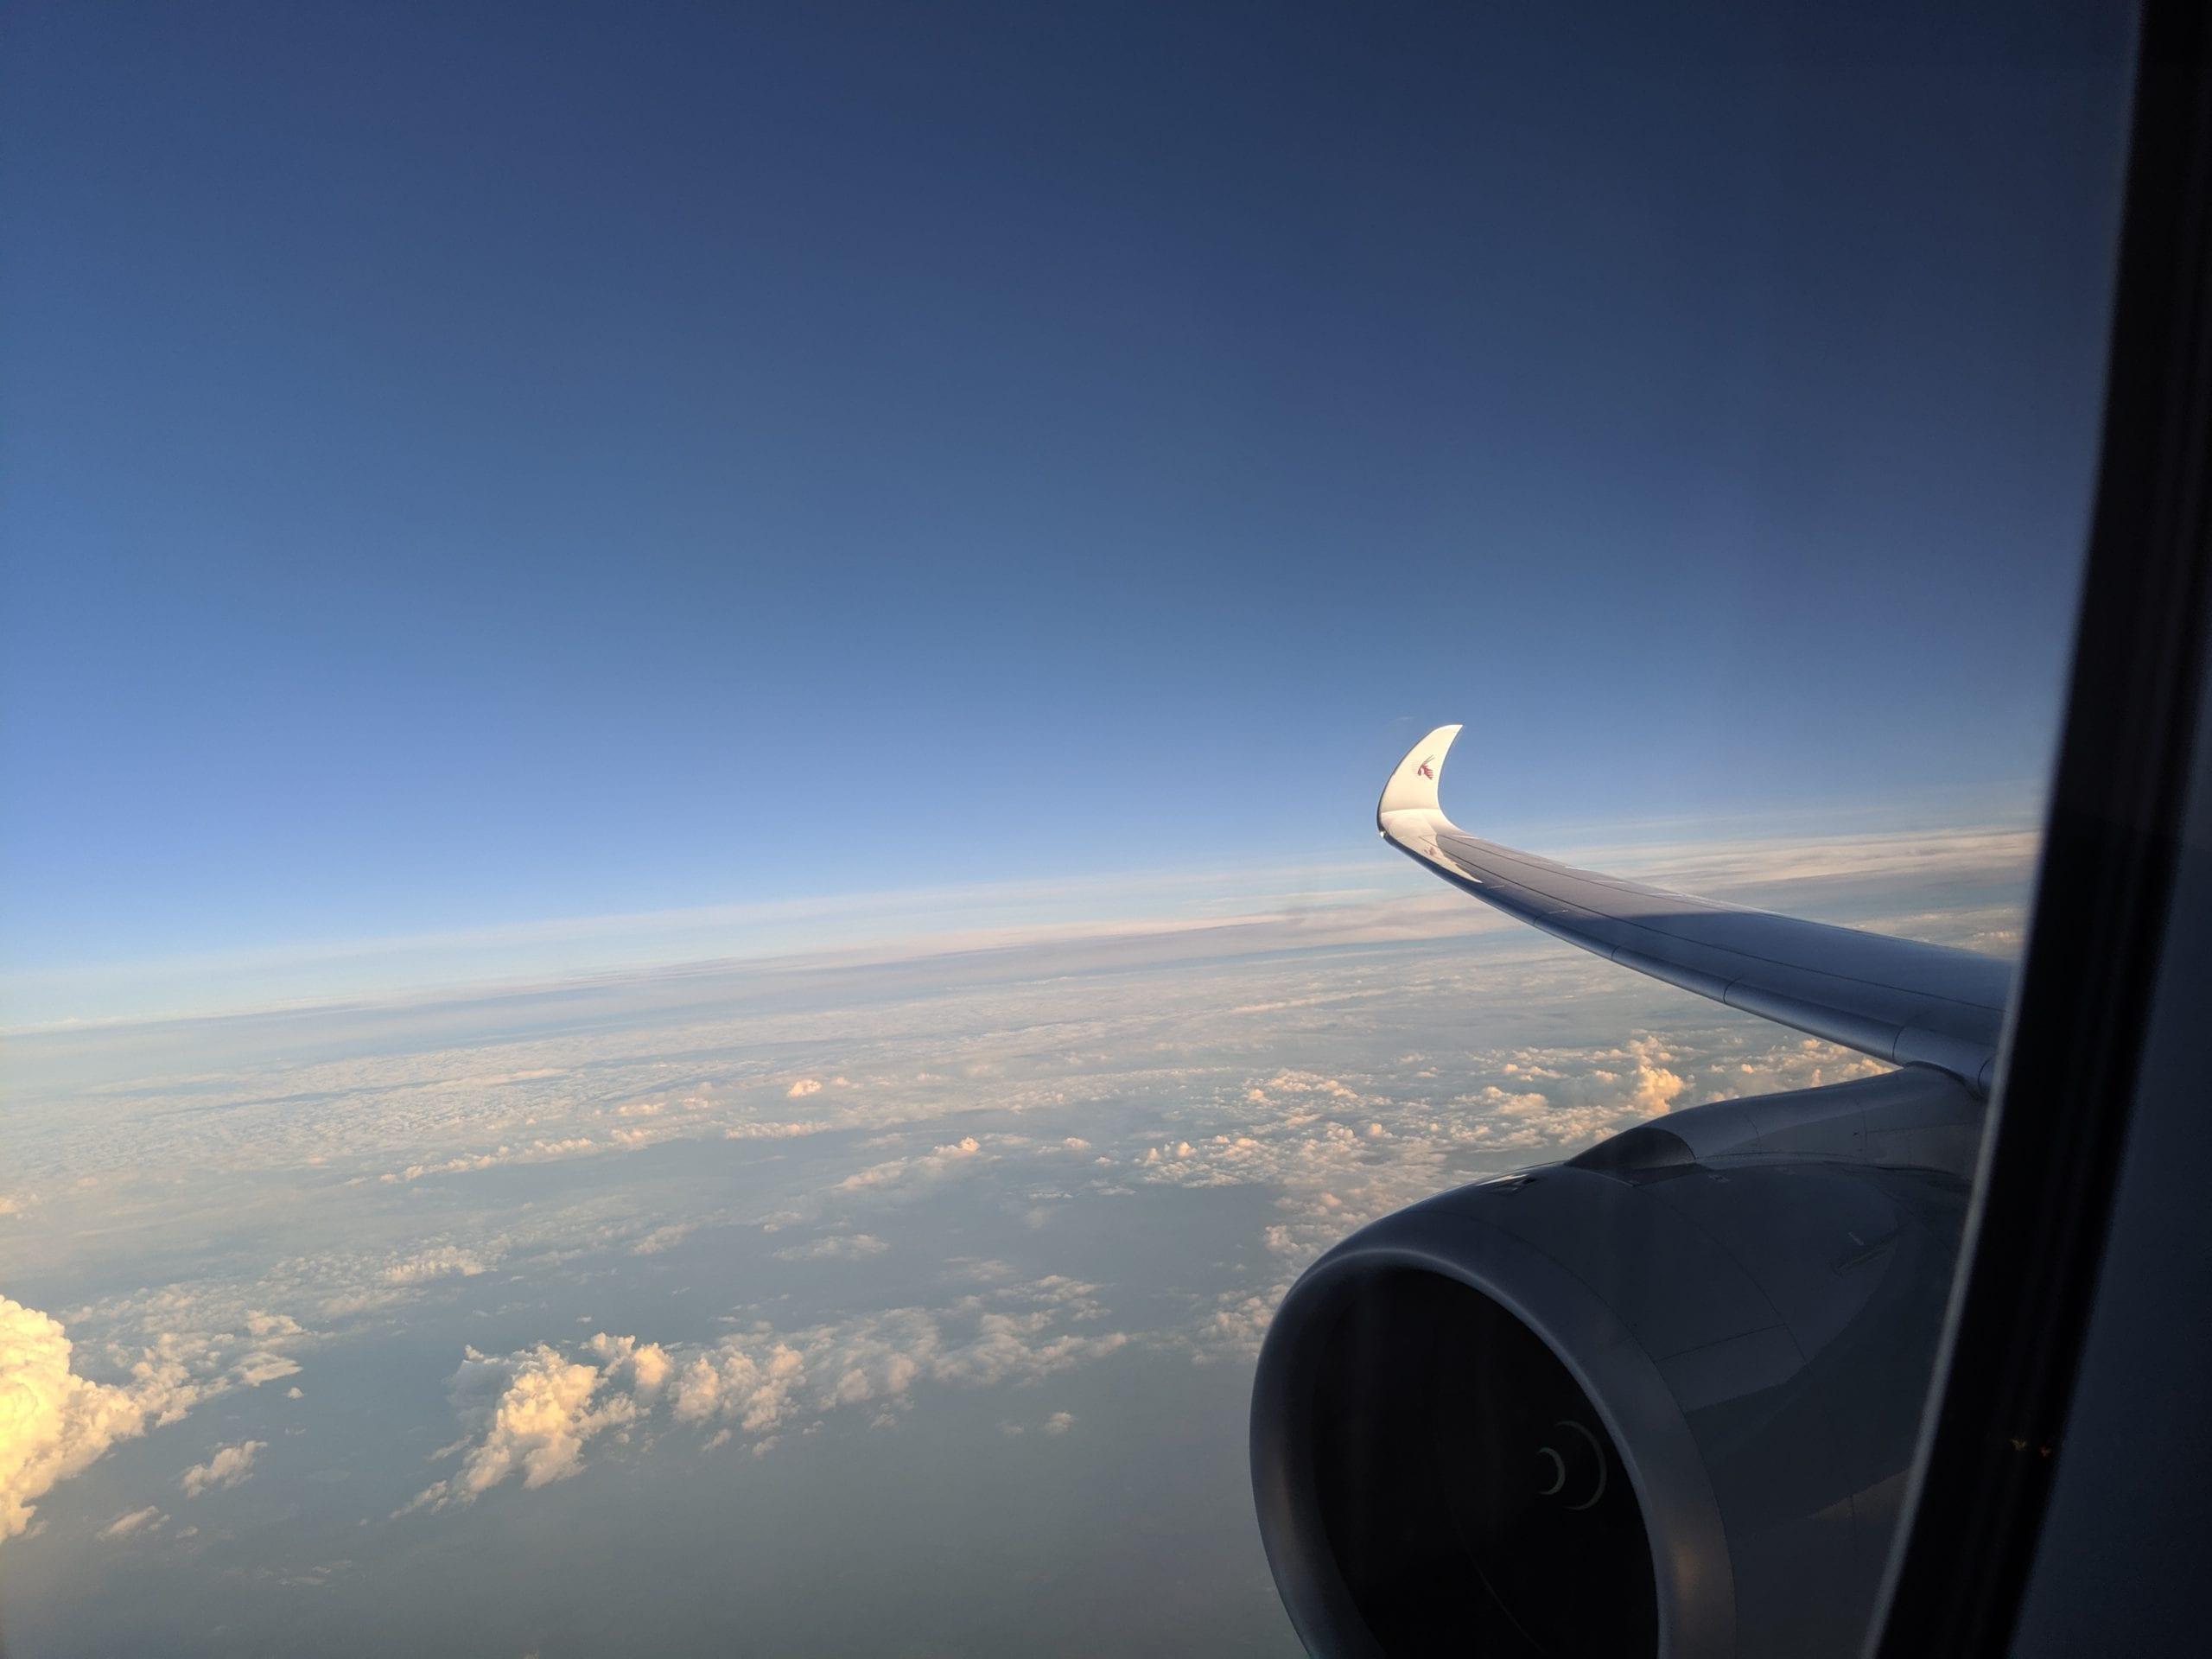 qatar airways wing view